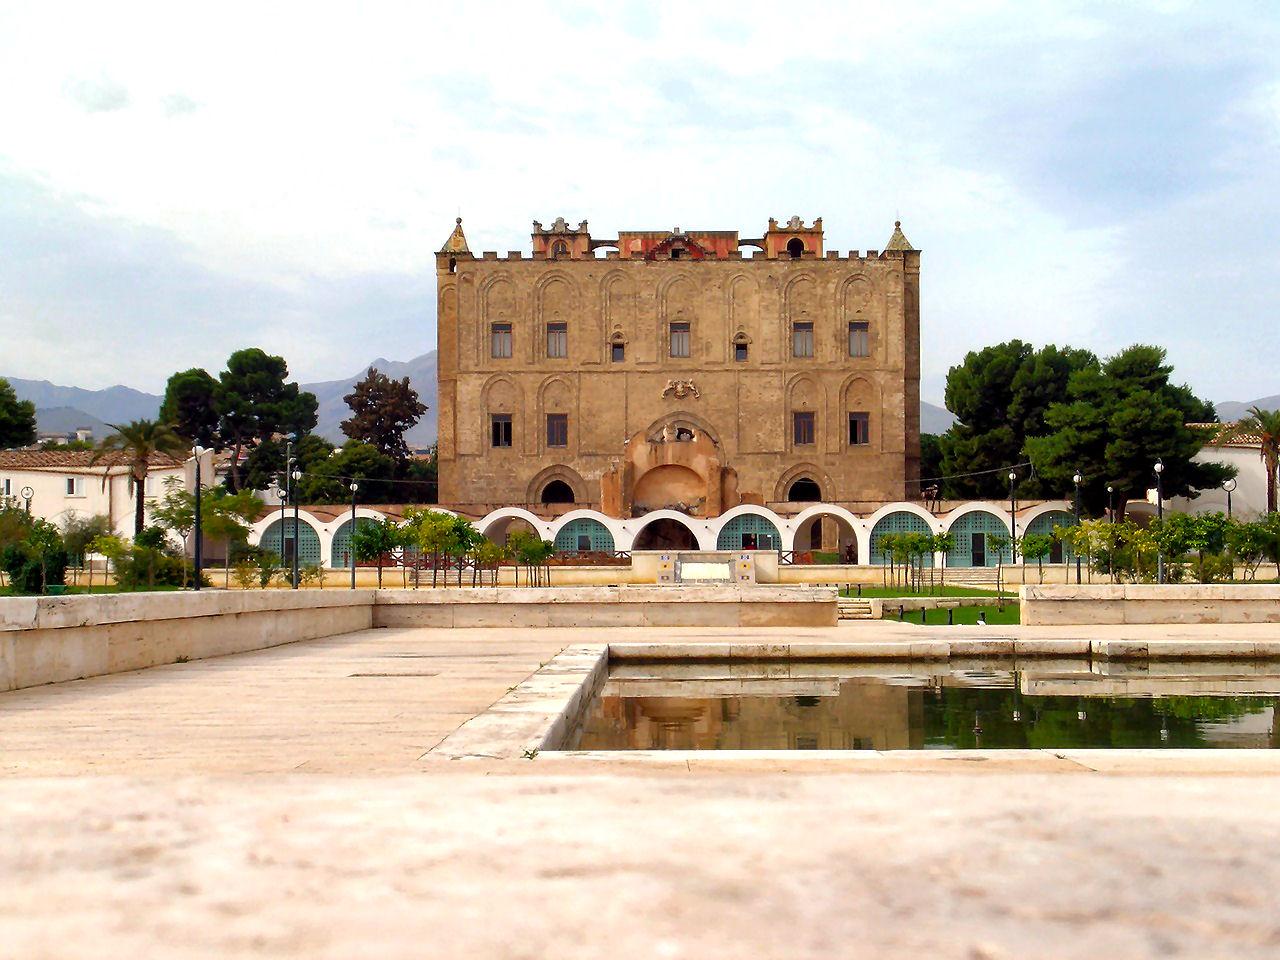 Palermo, la leggenda dei diavoli del castello della Zisa